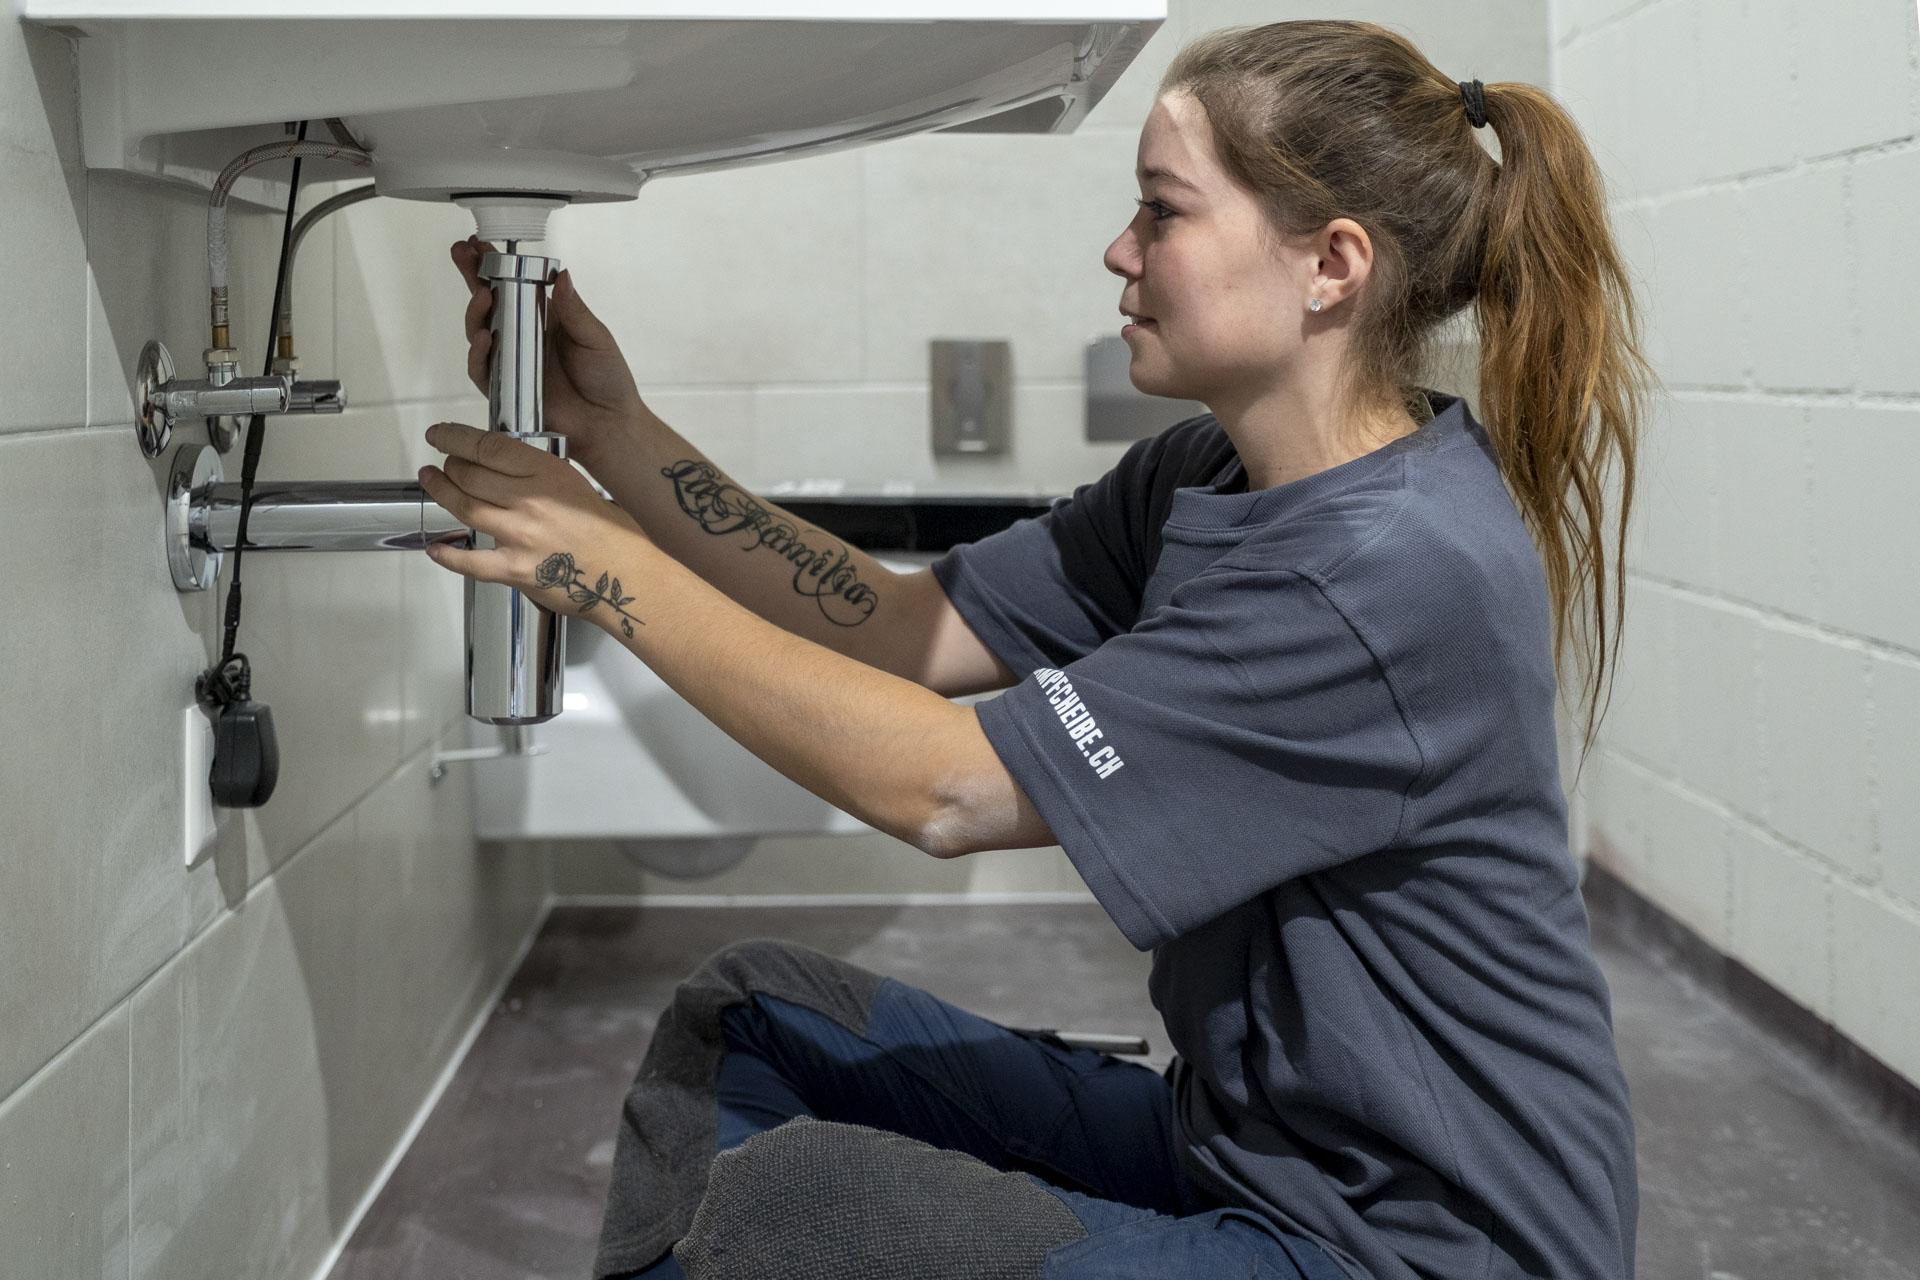 Sie arbeitete bereits in unterschiedlichen Berufen und kehrte schlussendlich wieder zu ihrem Lernberuf Sanitärin zurück.